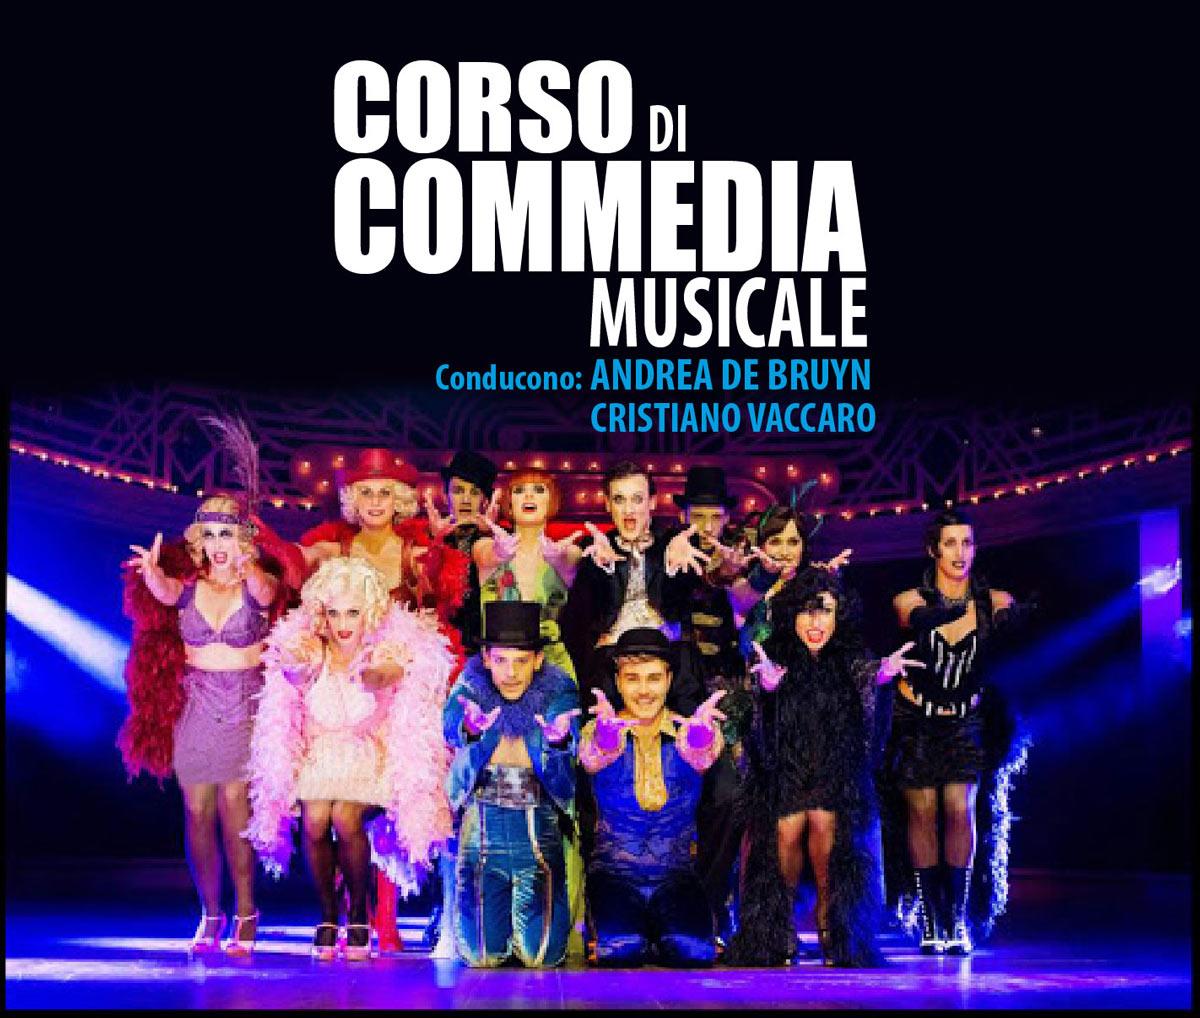 Corso di Commedia Musicale